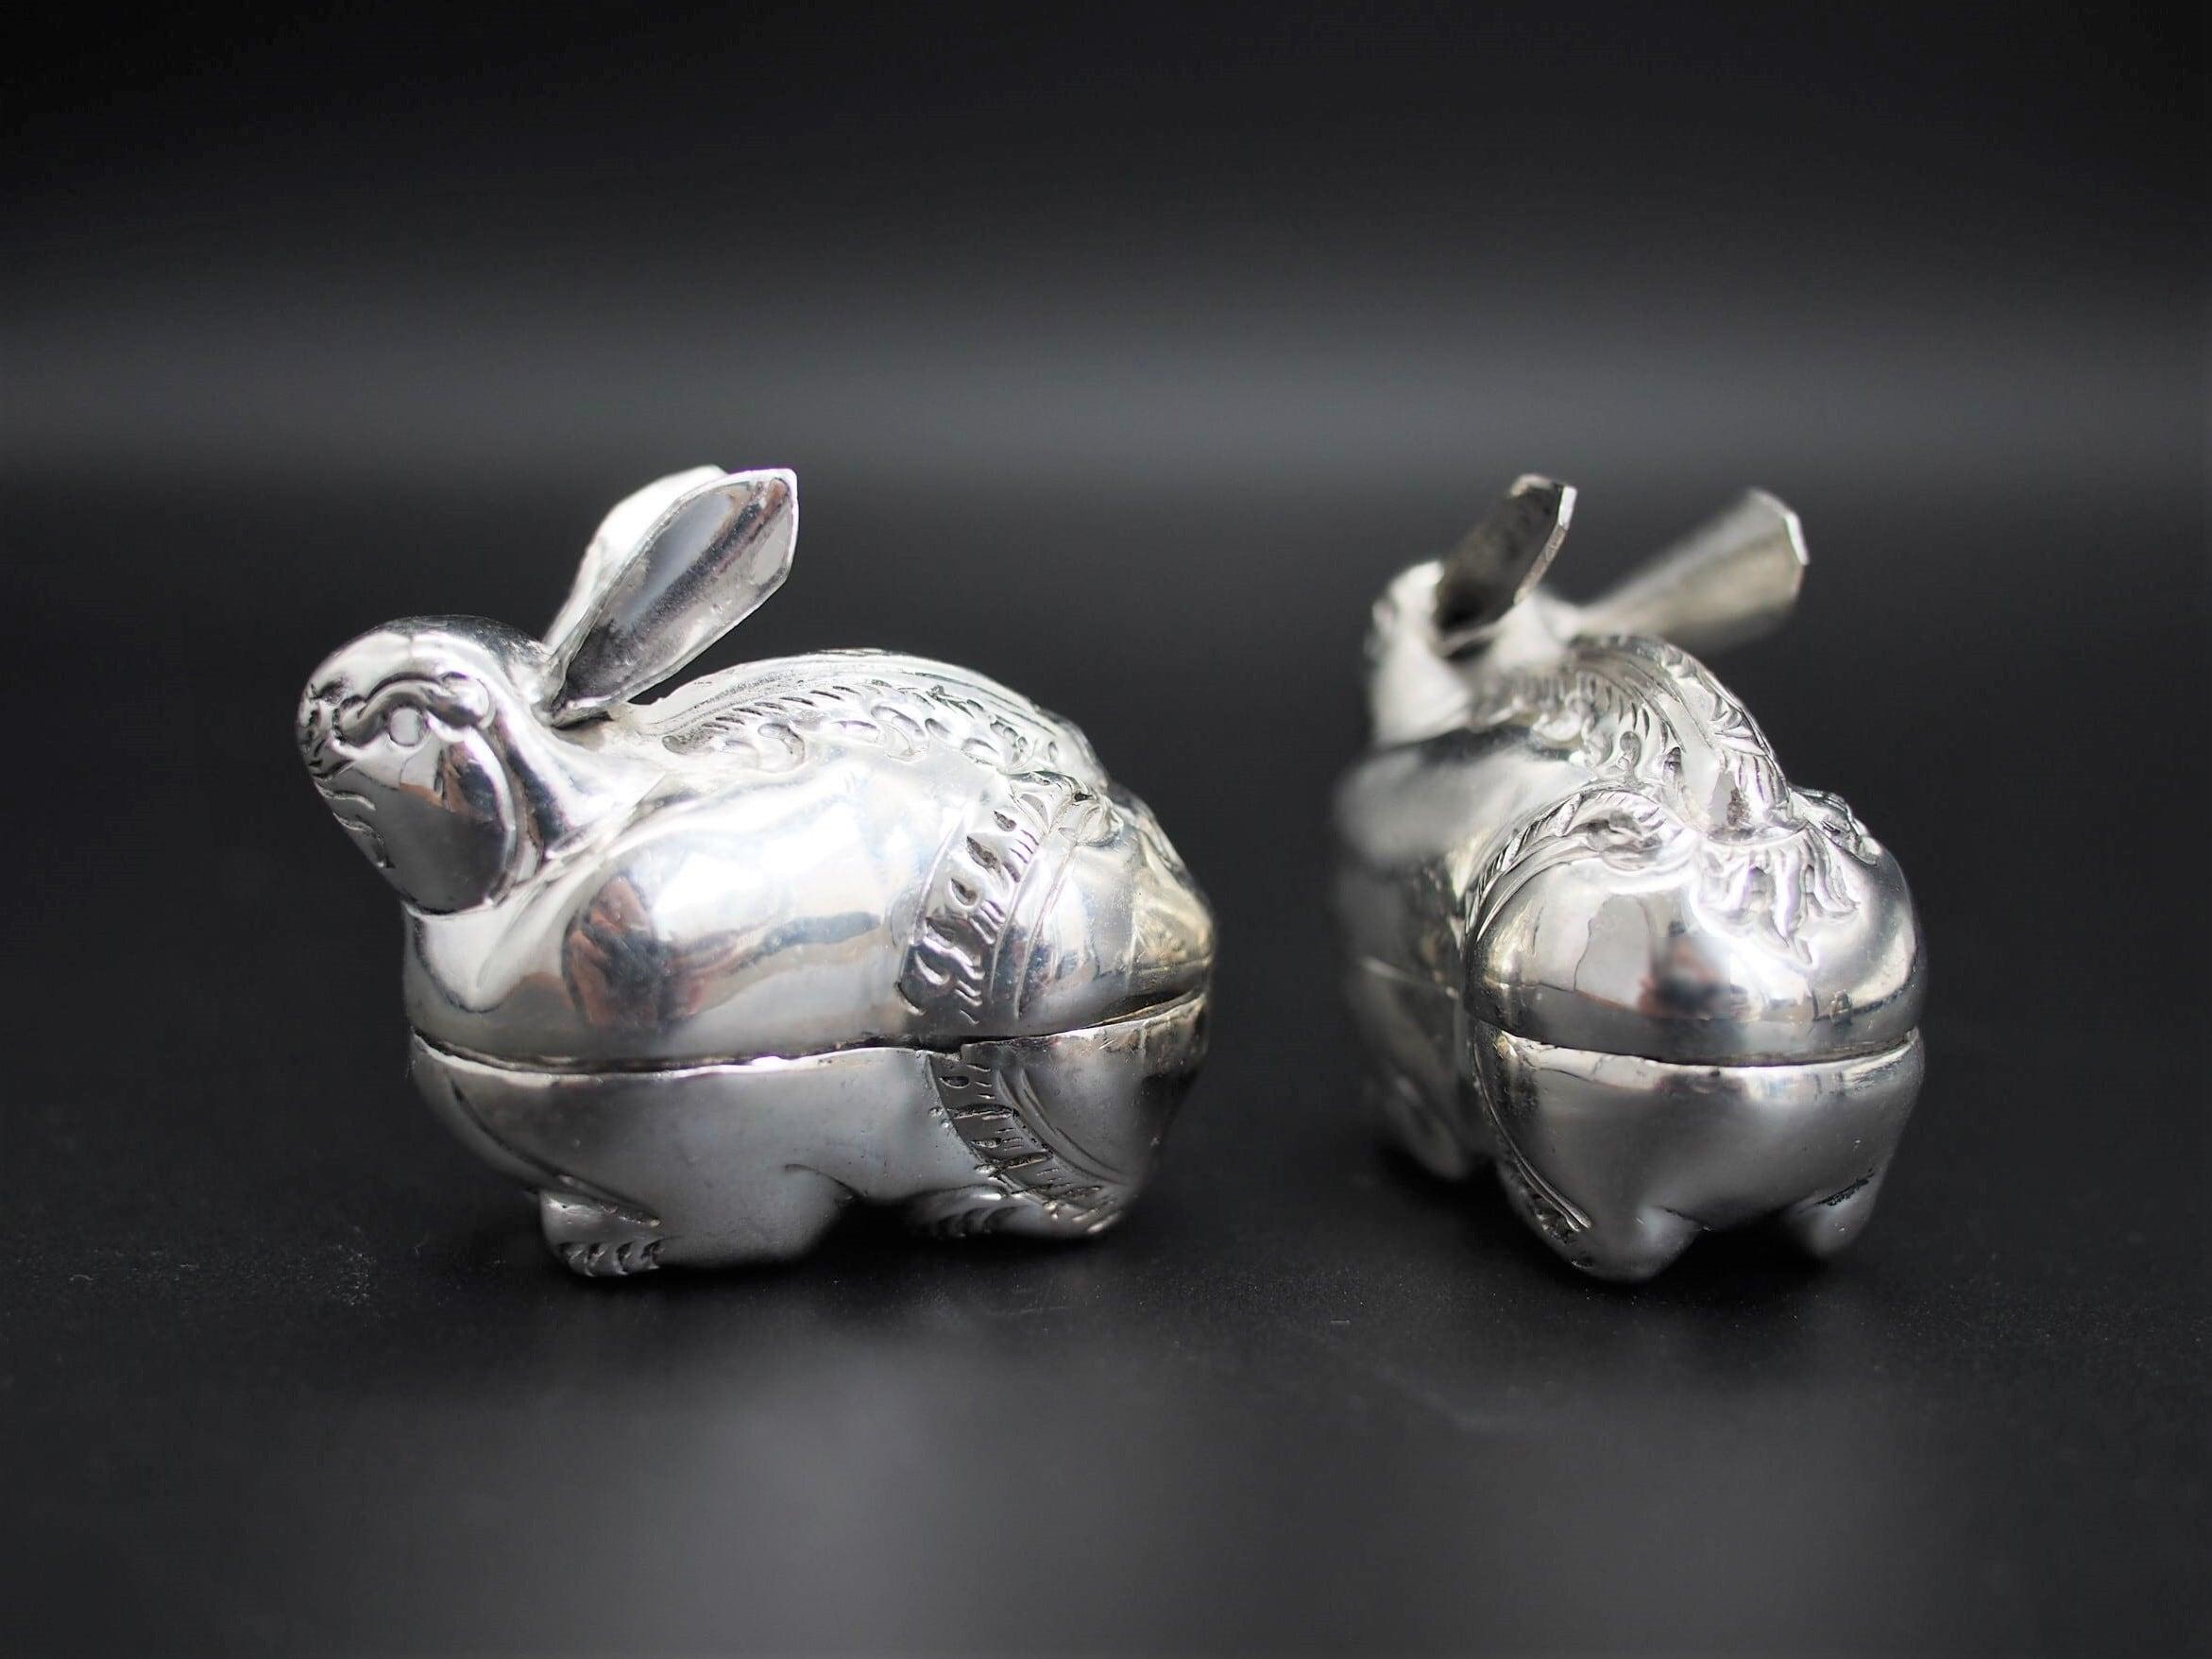 「ウサギ」カンボジアシルバー/テーブルウェア/オブジェ/シルバーウェア